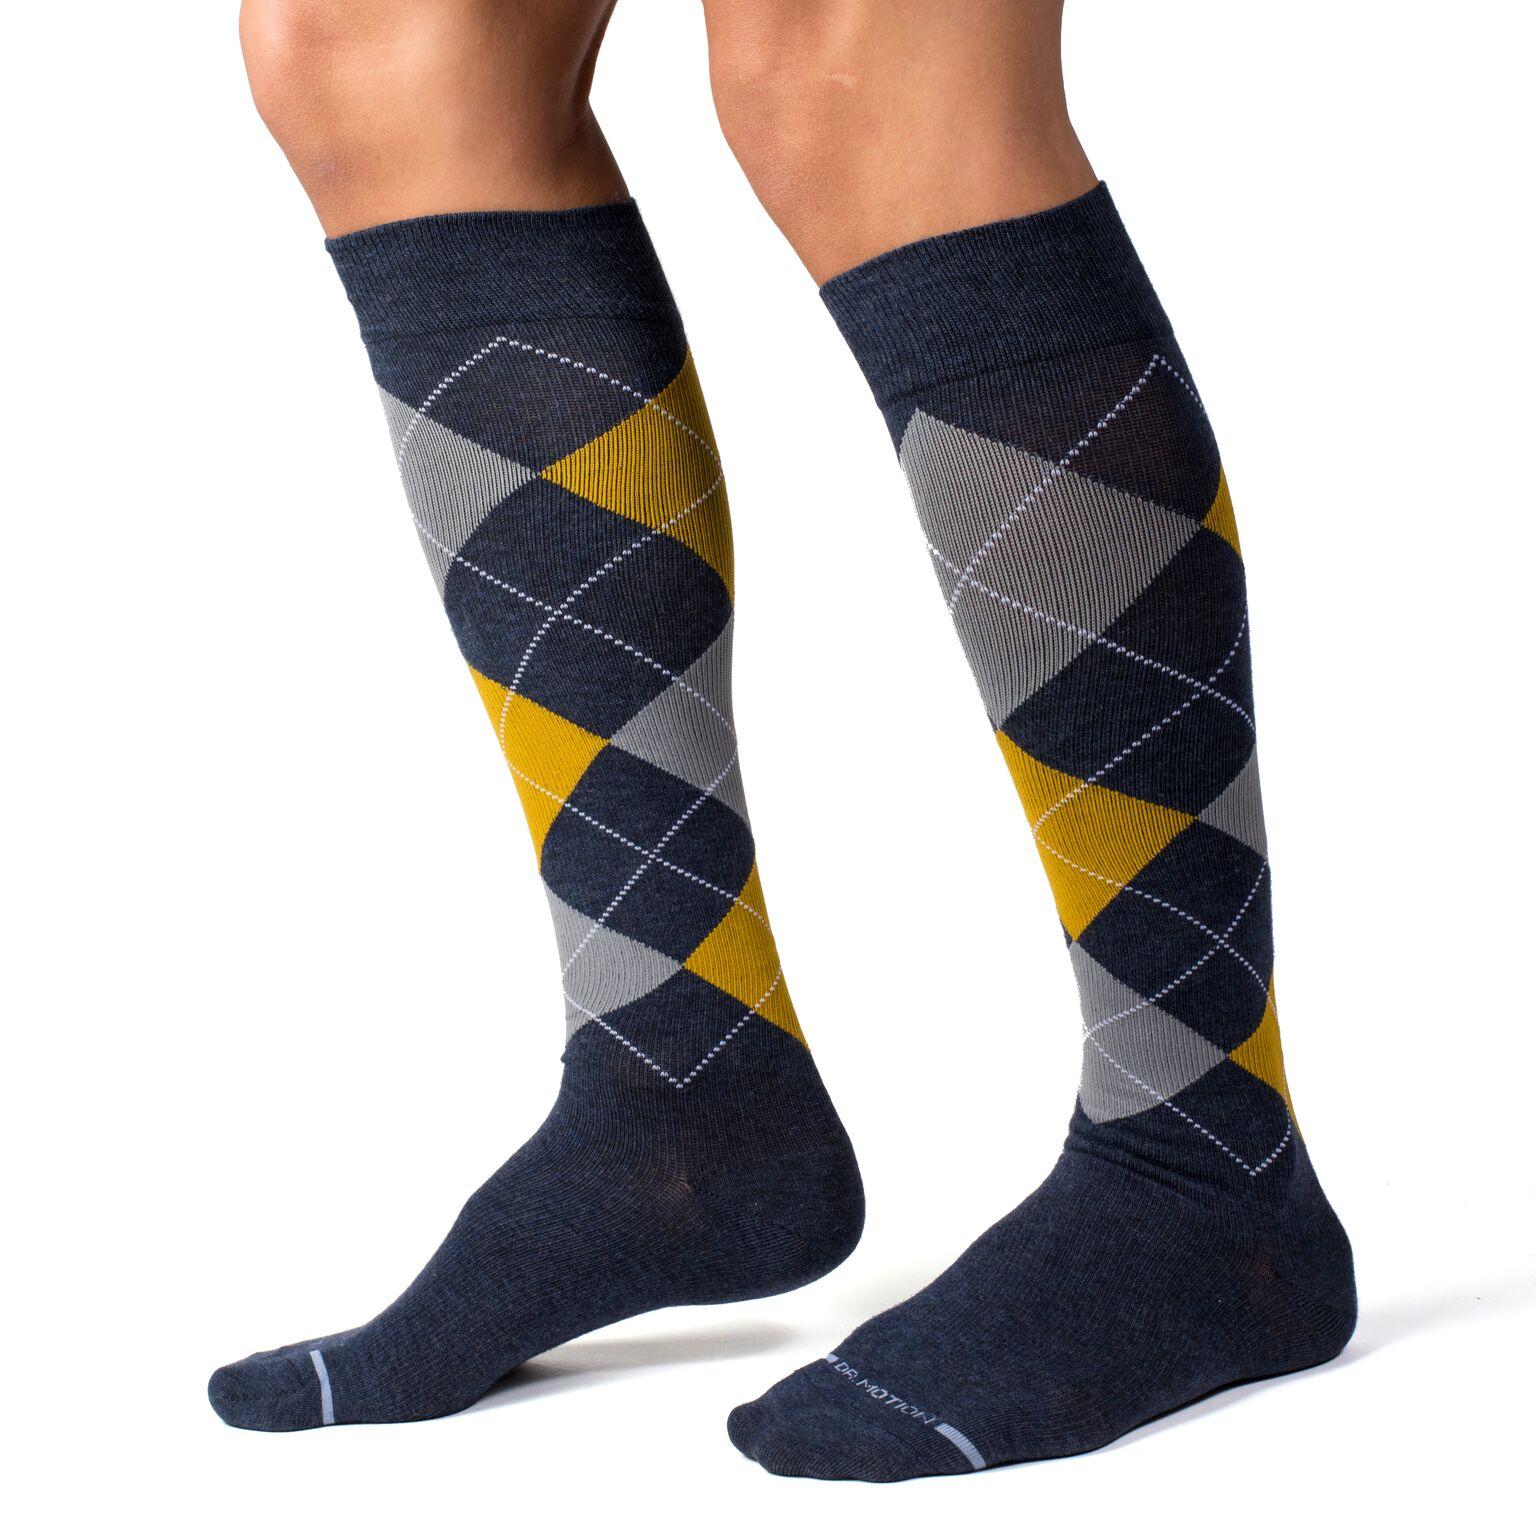 Men's compression socks for lymphedema, Custom lymphedema compression garments, Best compression socks for lymphedema, Compression socks and lymphedema